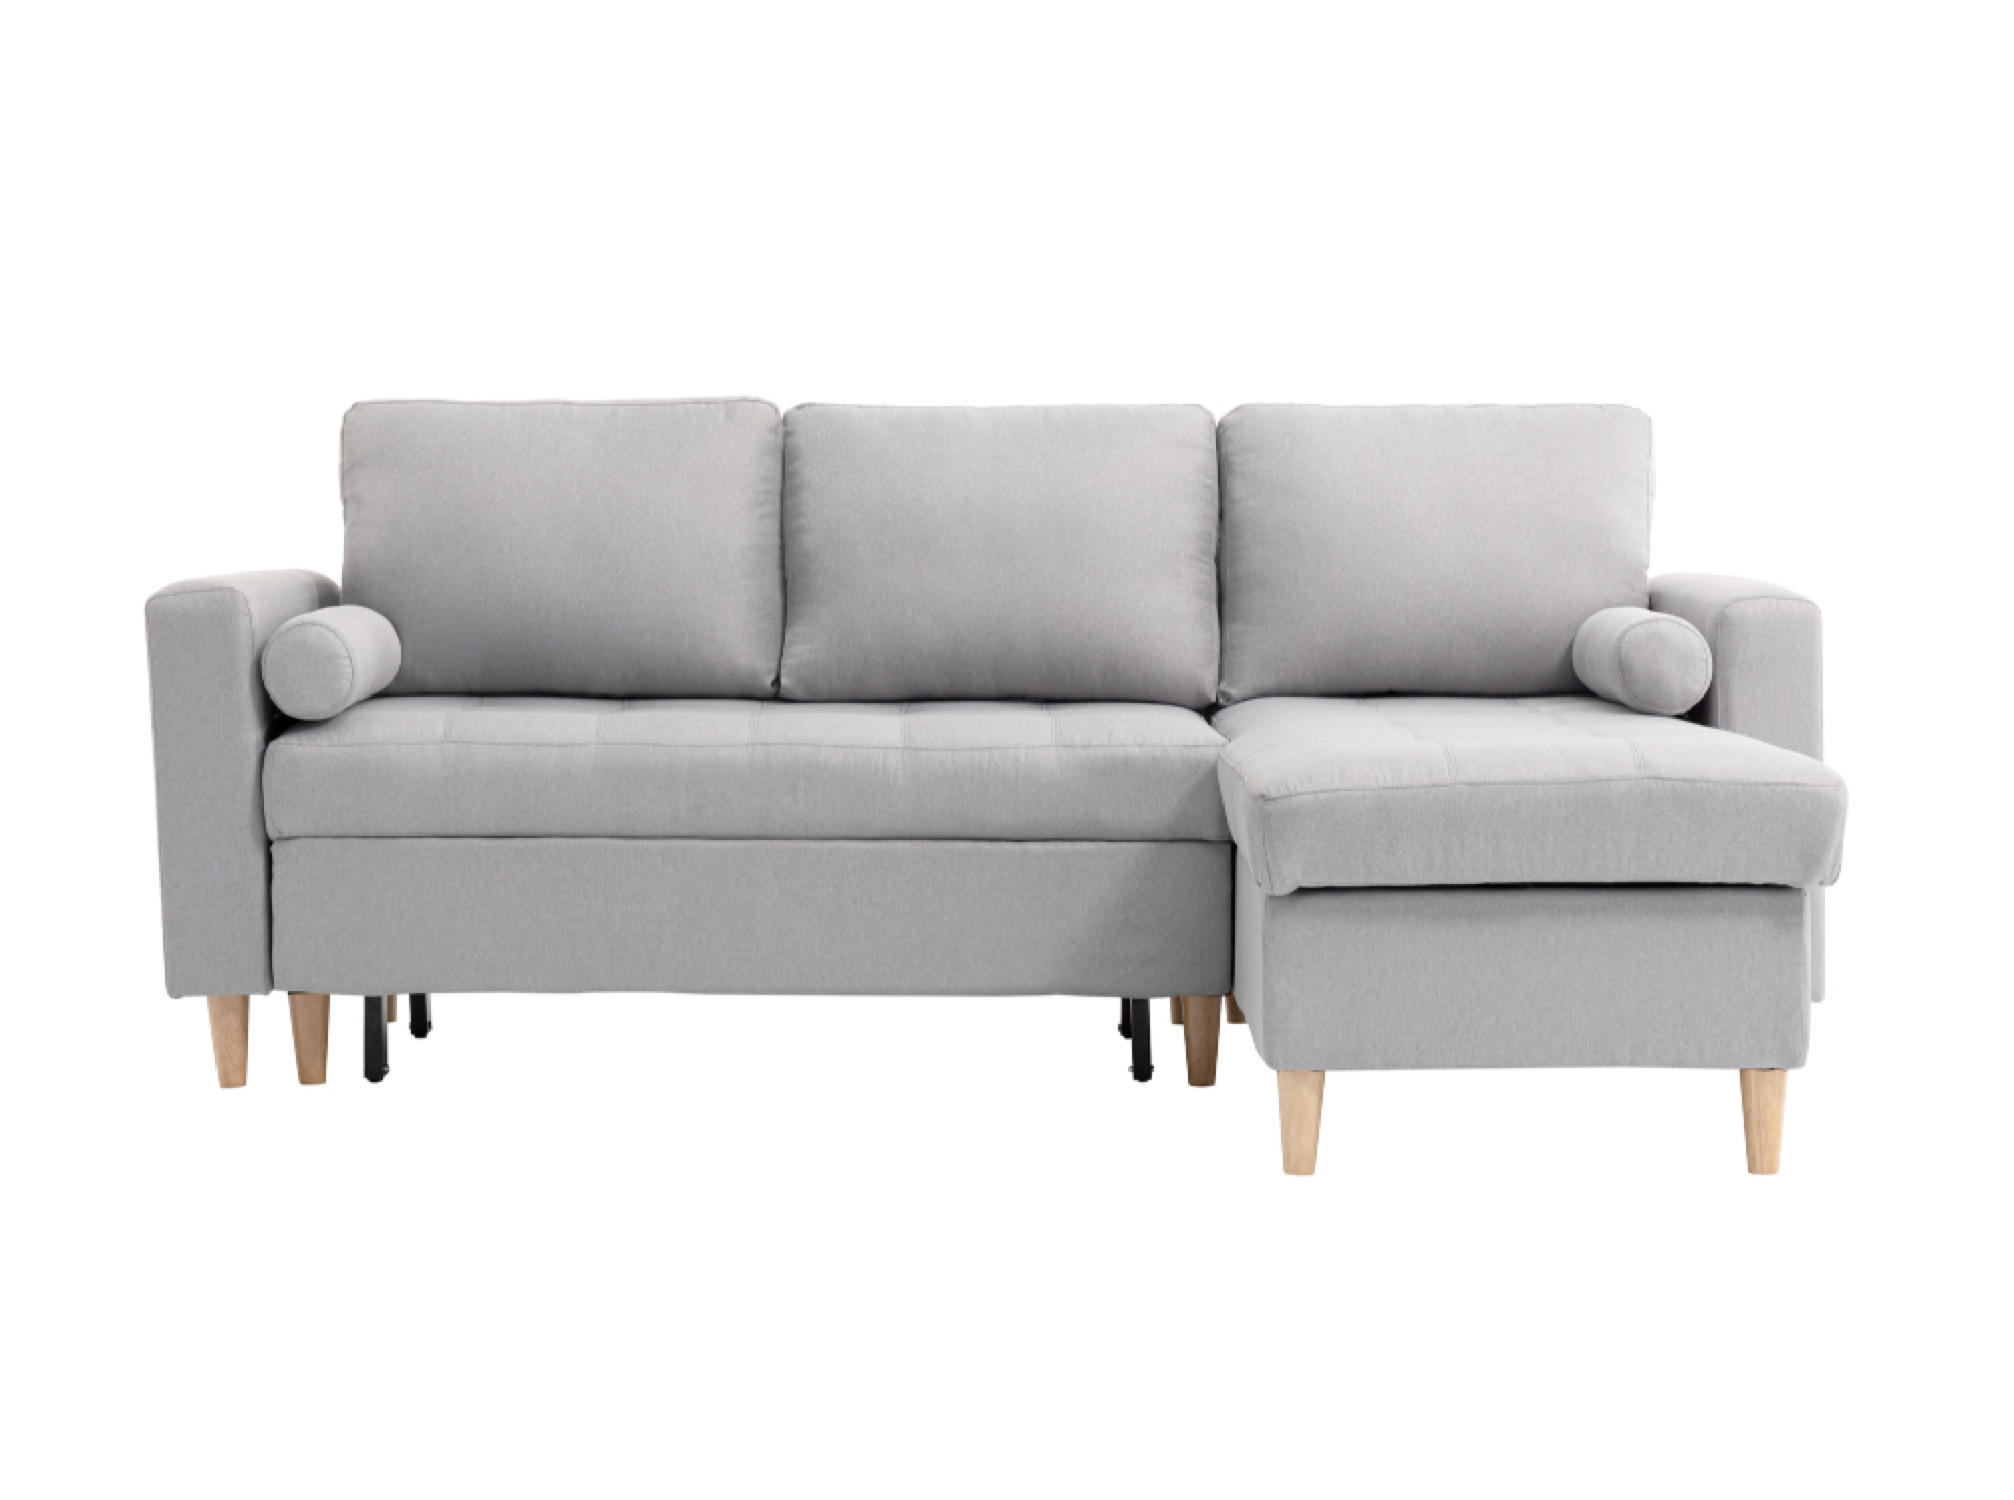 Canapé d'angle scandi réversible et convertible en tissu gris clair